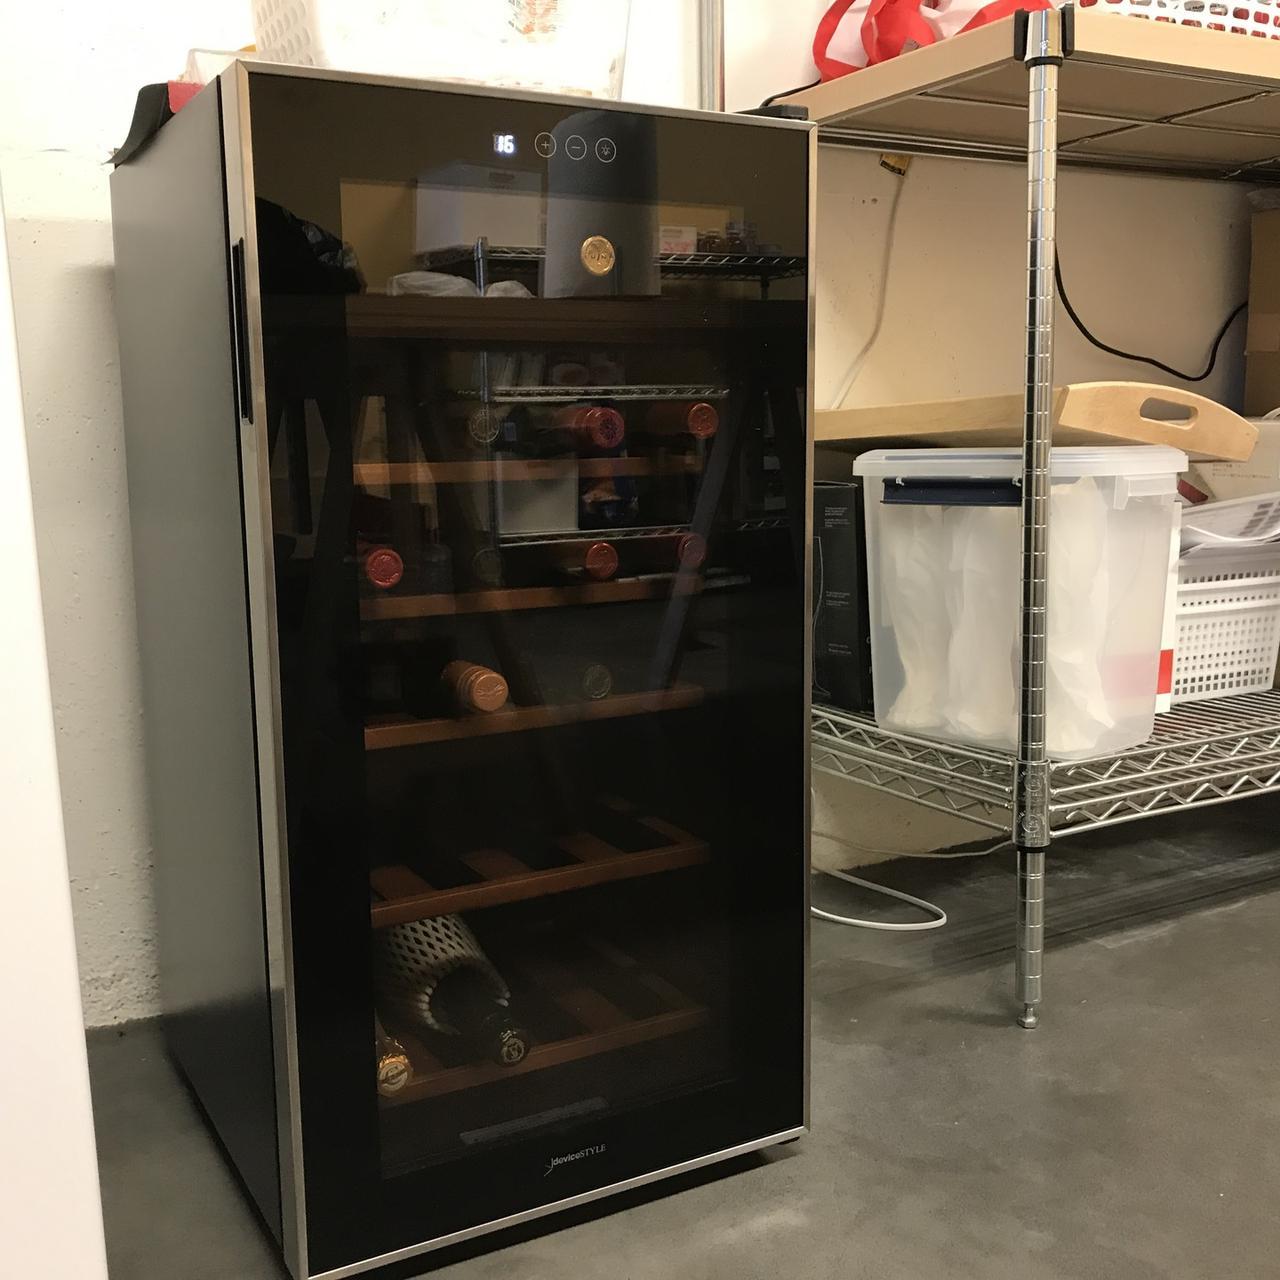 画像: 写真は先日導入されたワインセラー。オフィスにはワインやビール、ソーダ、コーヒー、ナッツ、チーズ、スナックや軽食がオフィスに備蓄されていて自由に飲み食いできます。